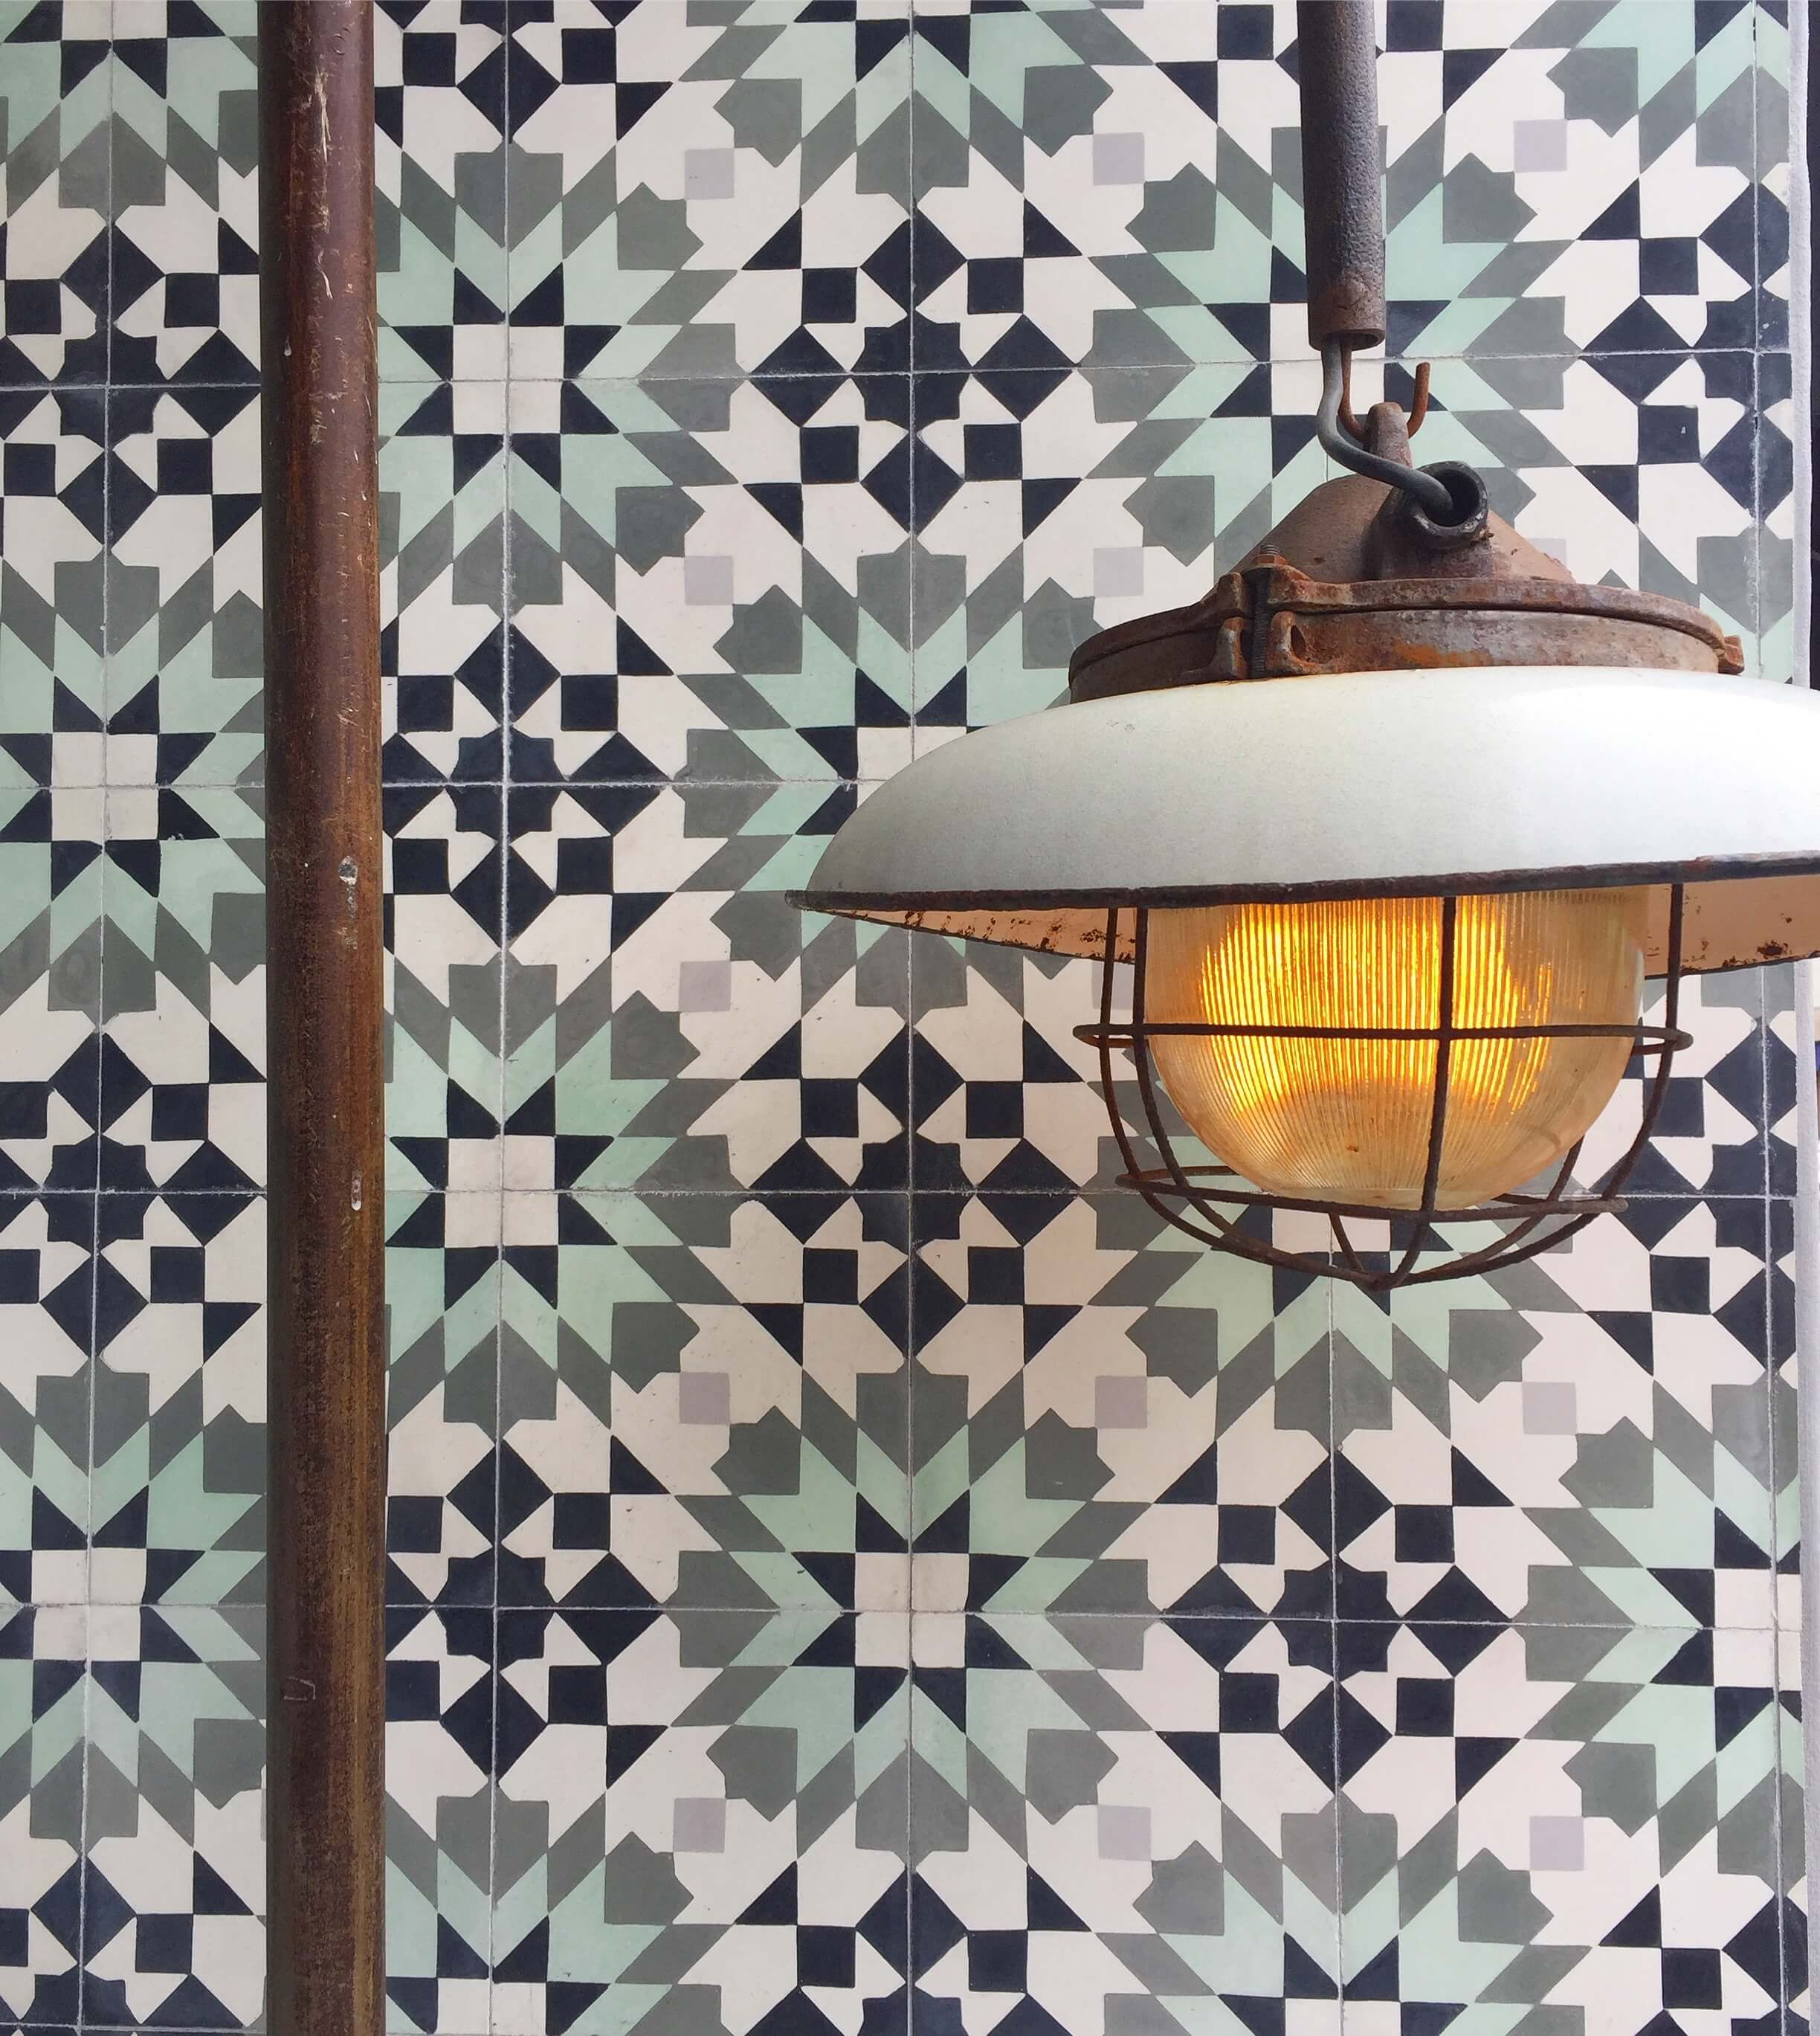 Graphic tile inspiration from shopping Venice's Abbott-Kinney Road